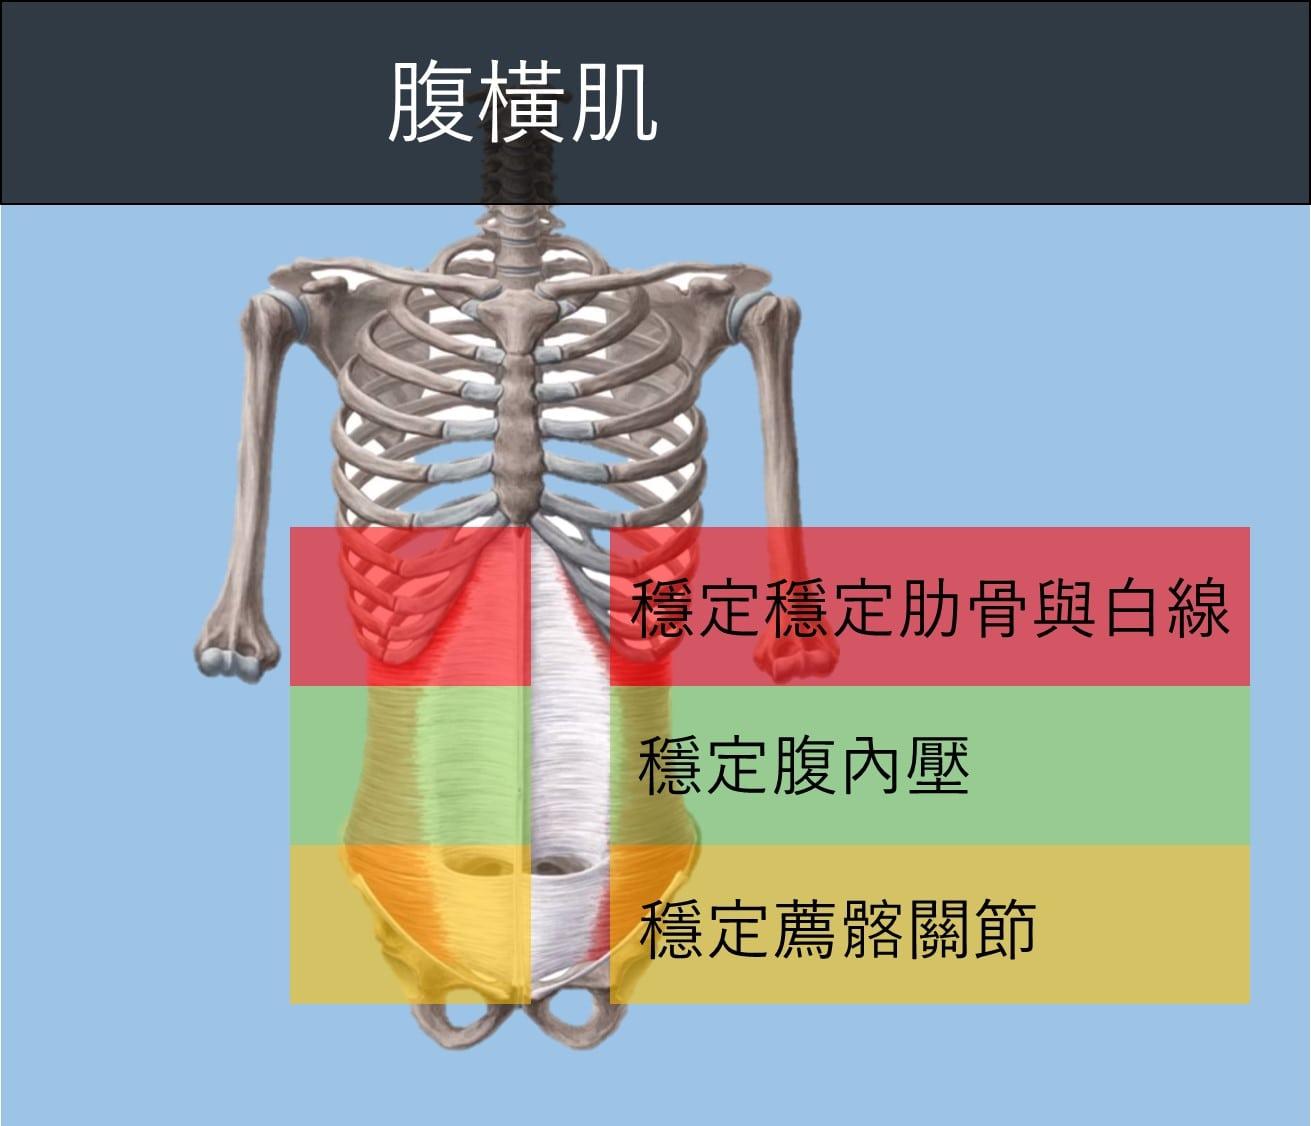 腹橫肌.jpg